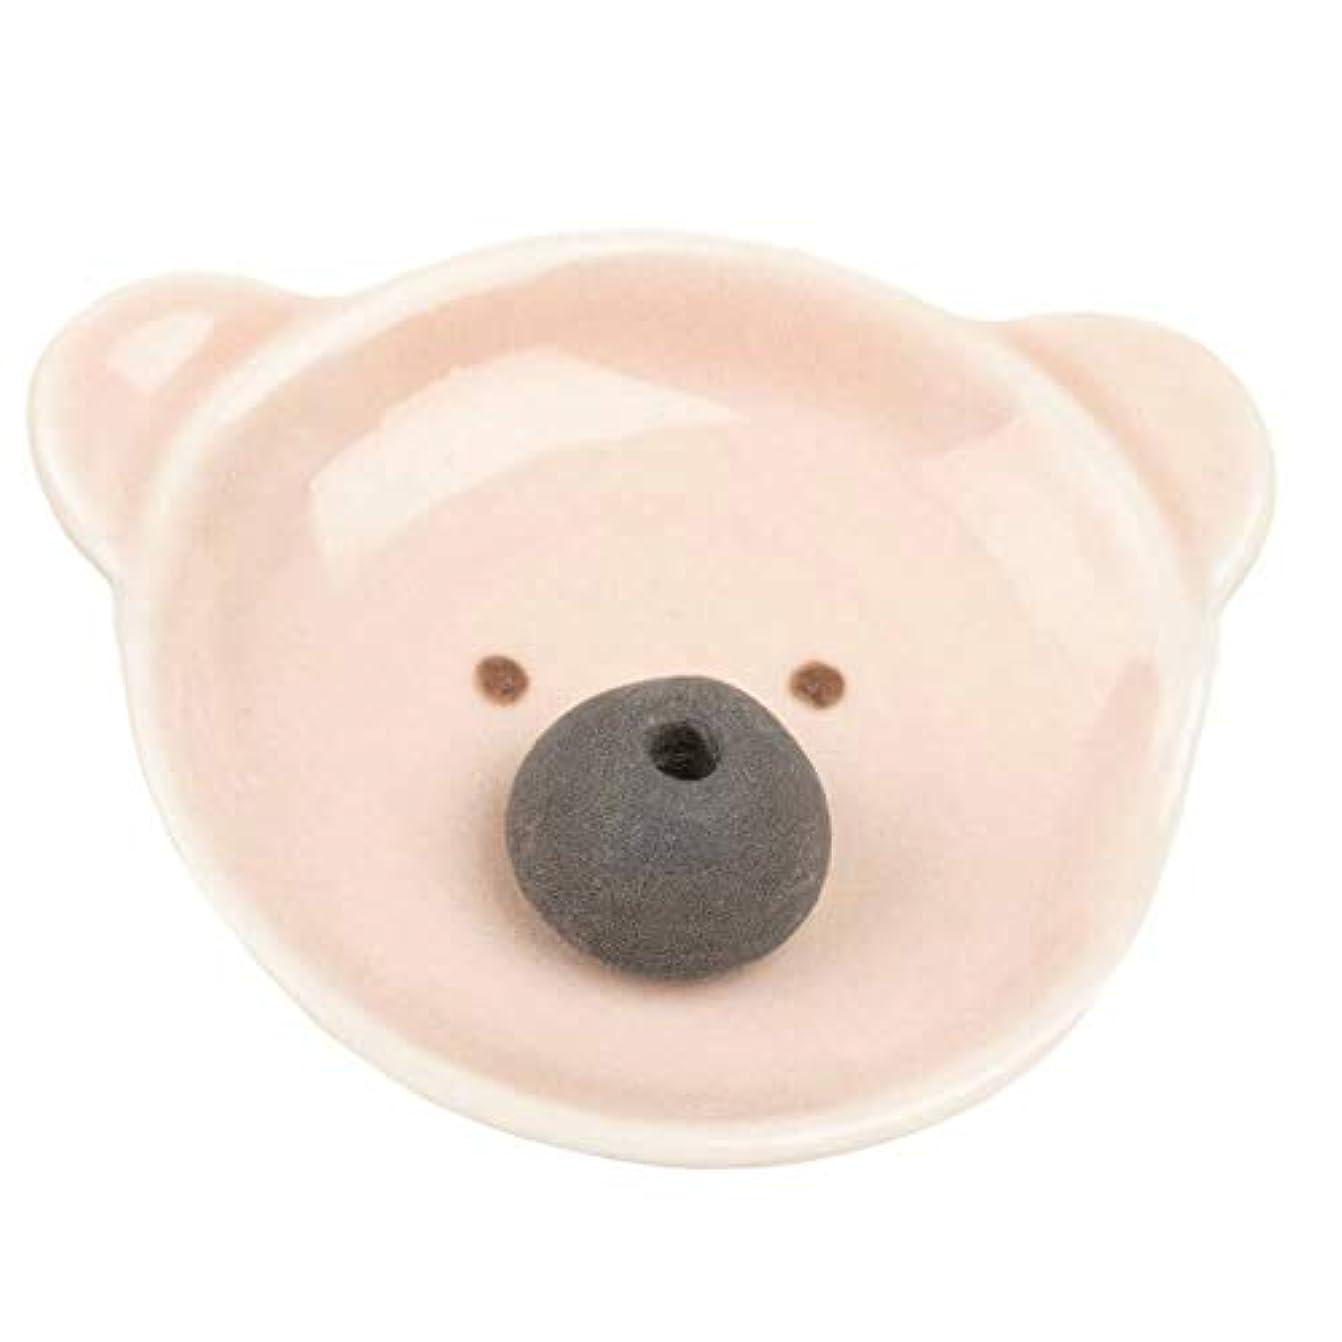 自動的に解体する散らす香皿 香立て/アニマル 香皿セット ぶた/香り アロマ 癒やし リラックス インテリア プレゼント 贈り物